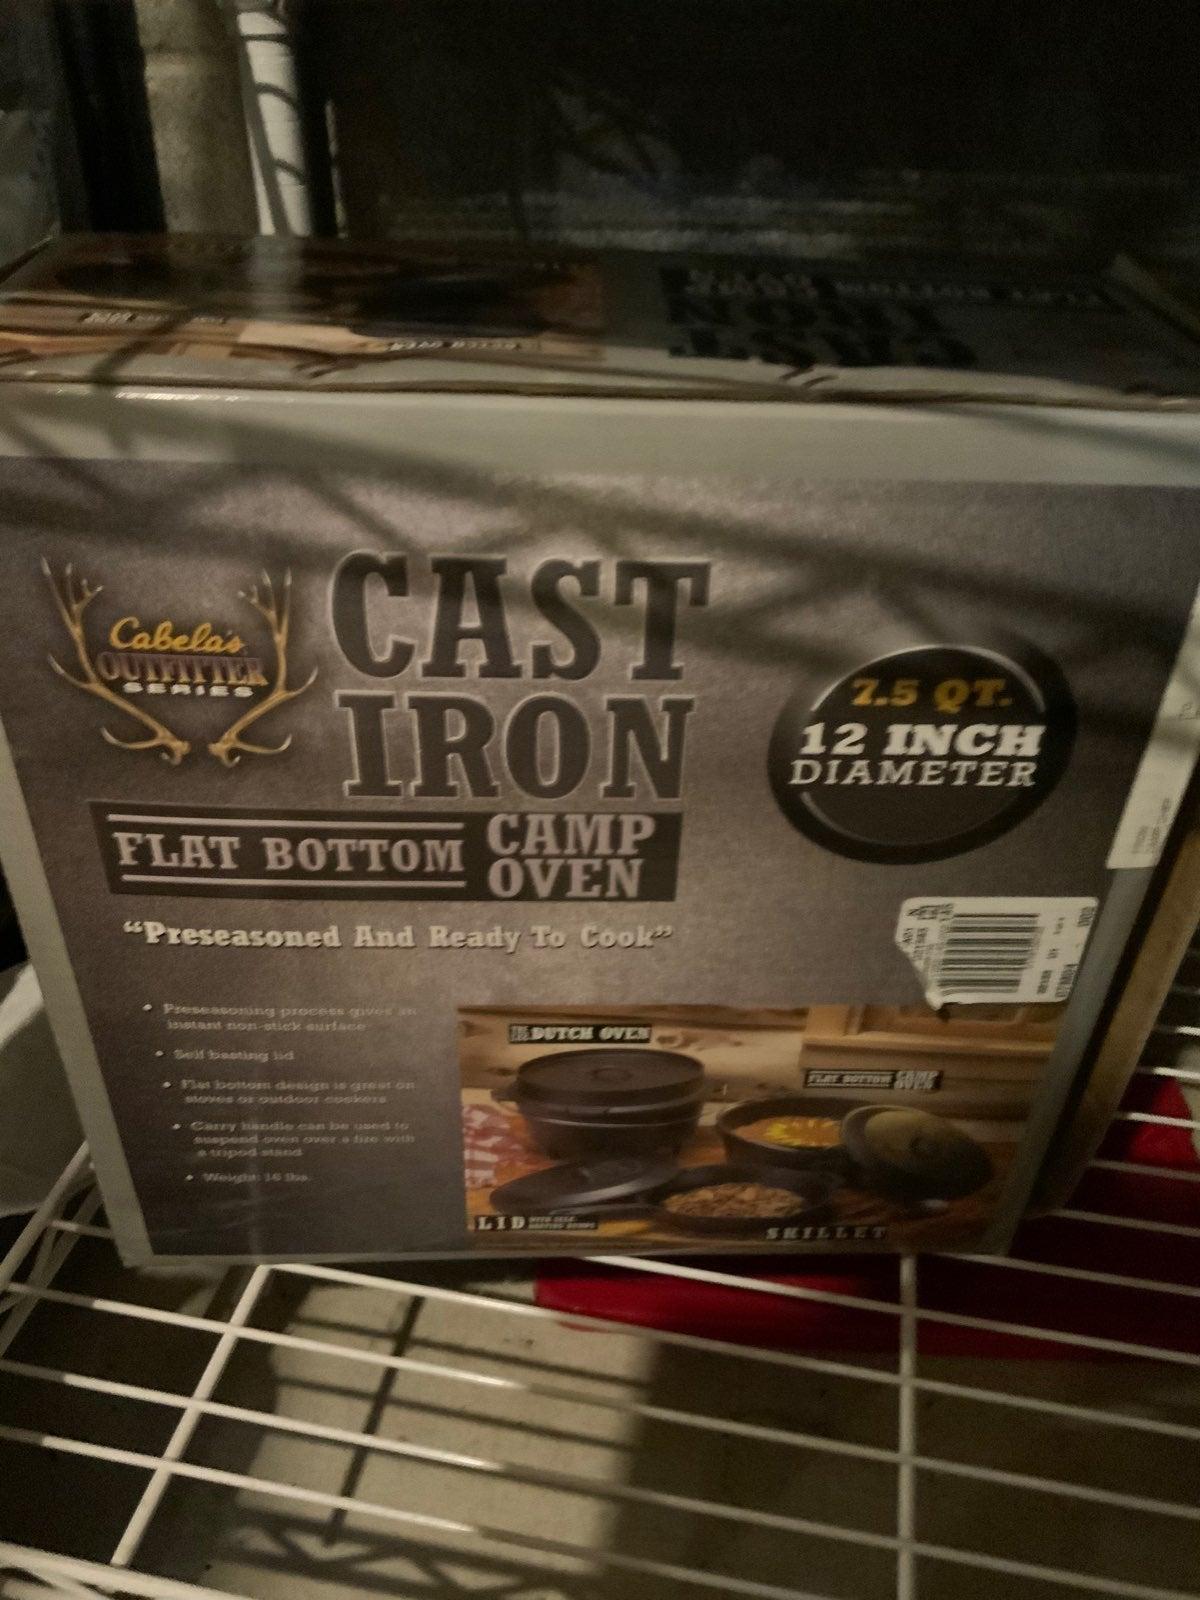 Cabelas cast iron dutch oven